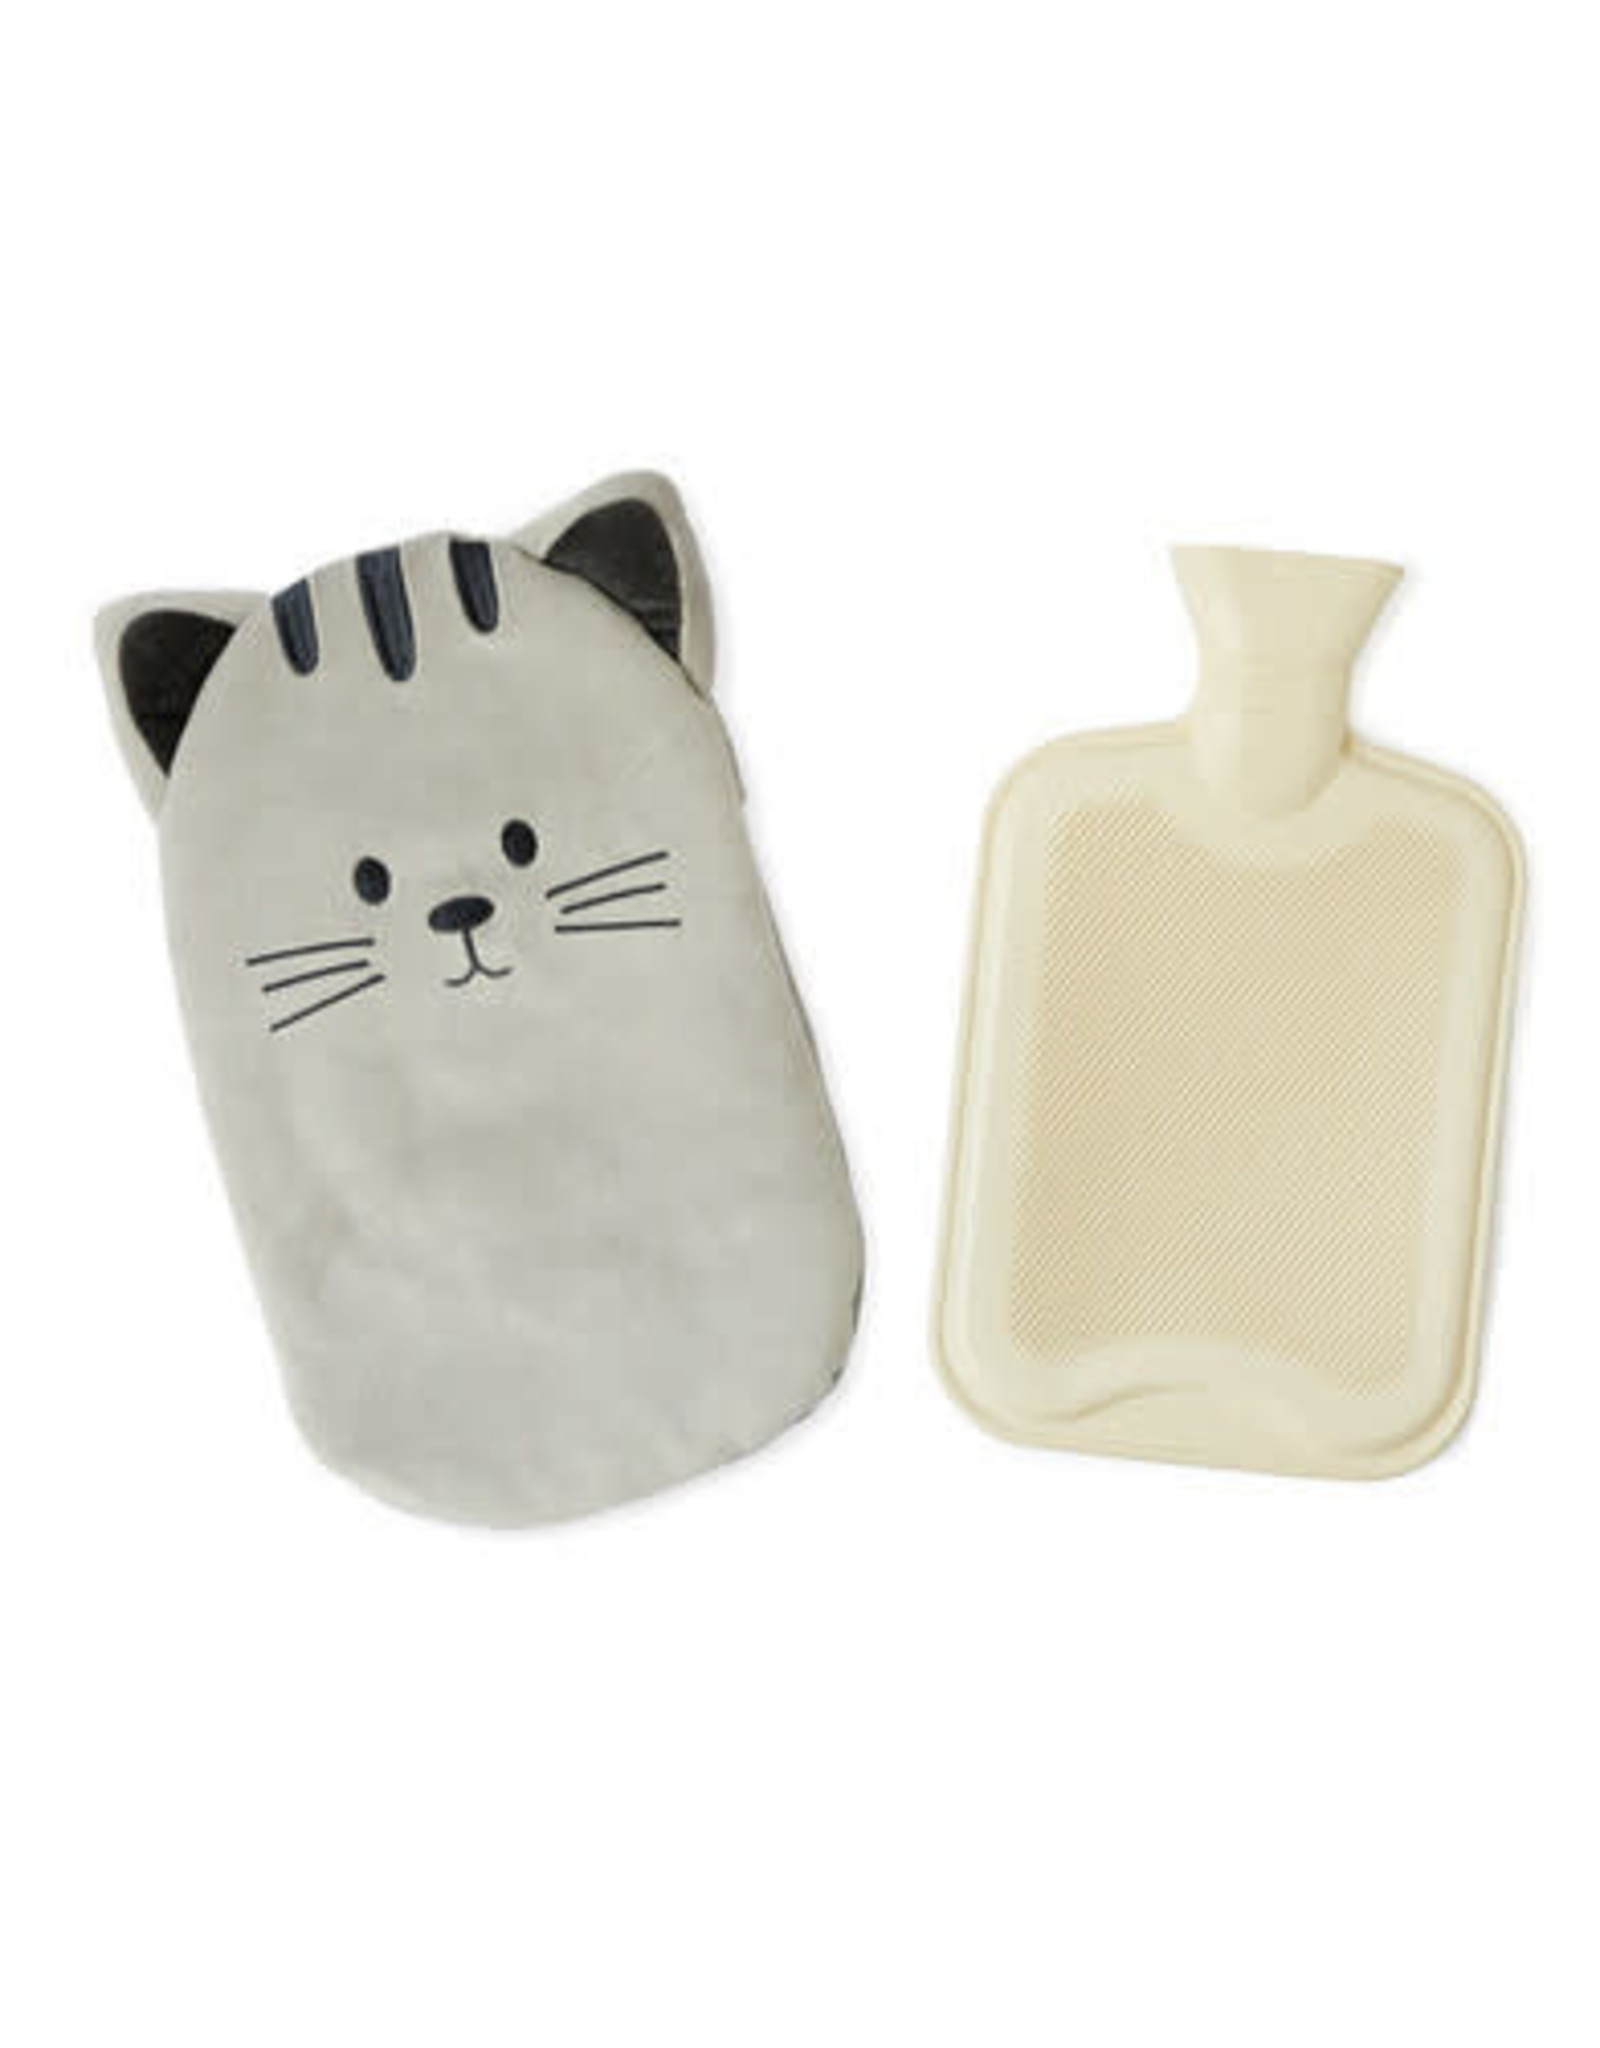 hot water bottle - kitty